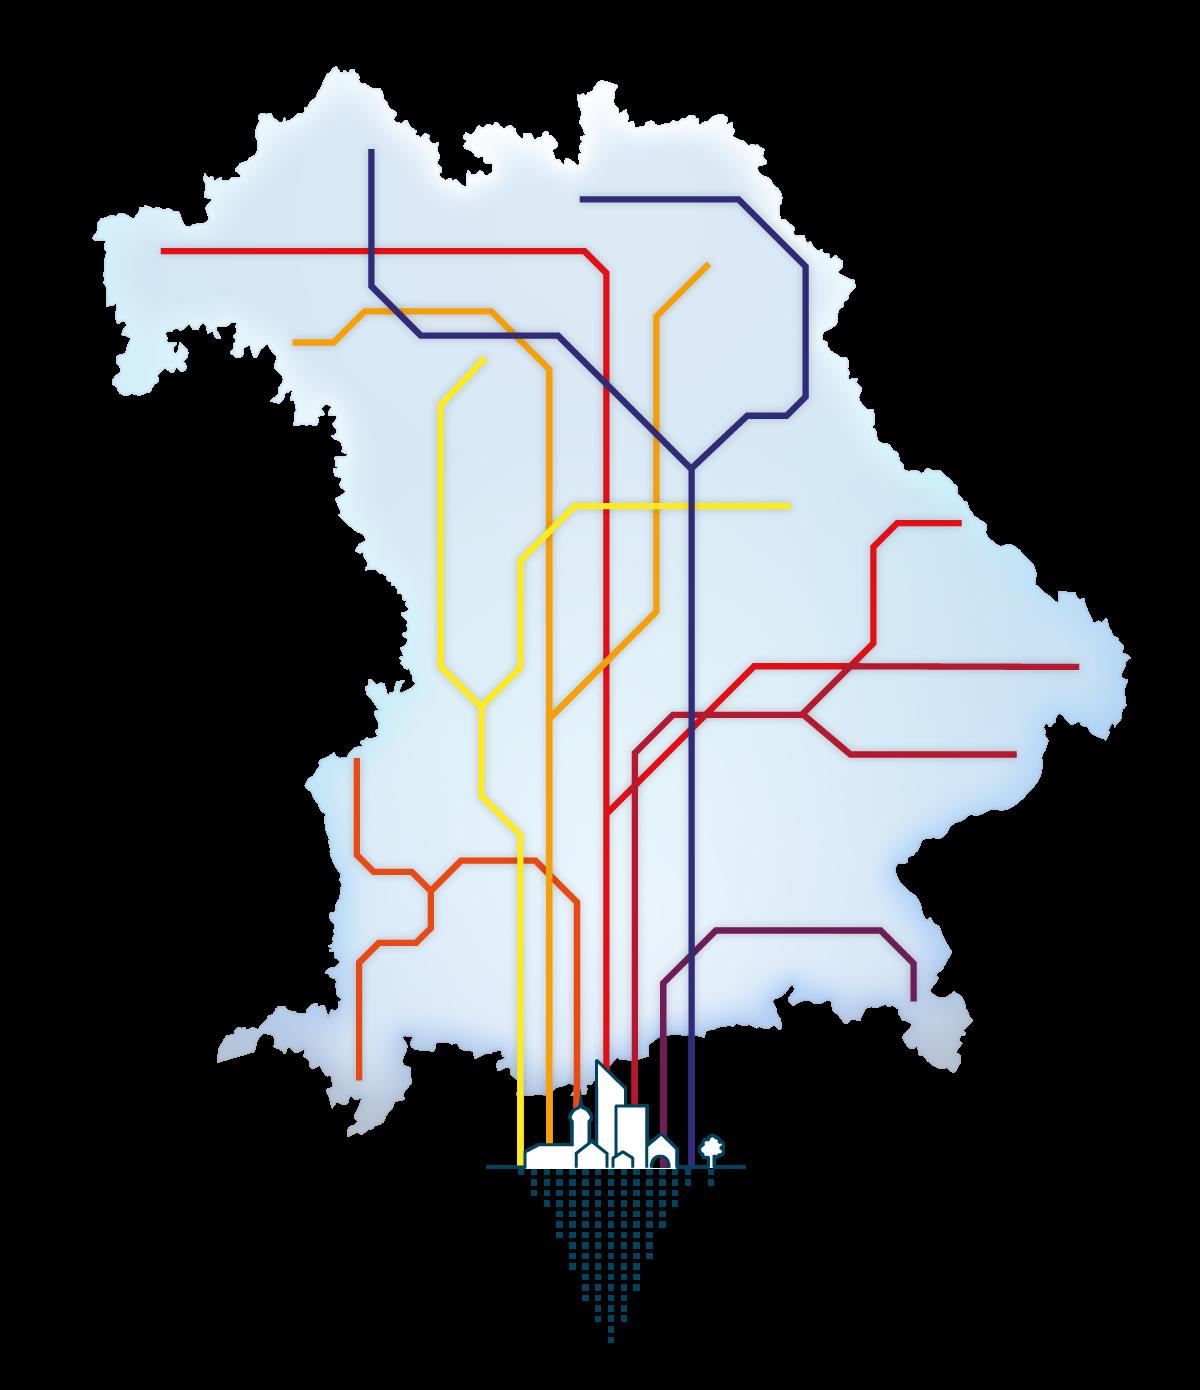 Landkarte Bayern mit Energienetz